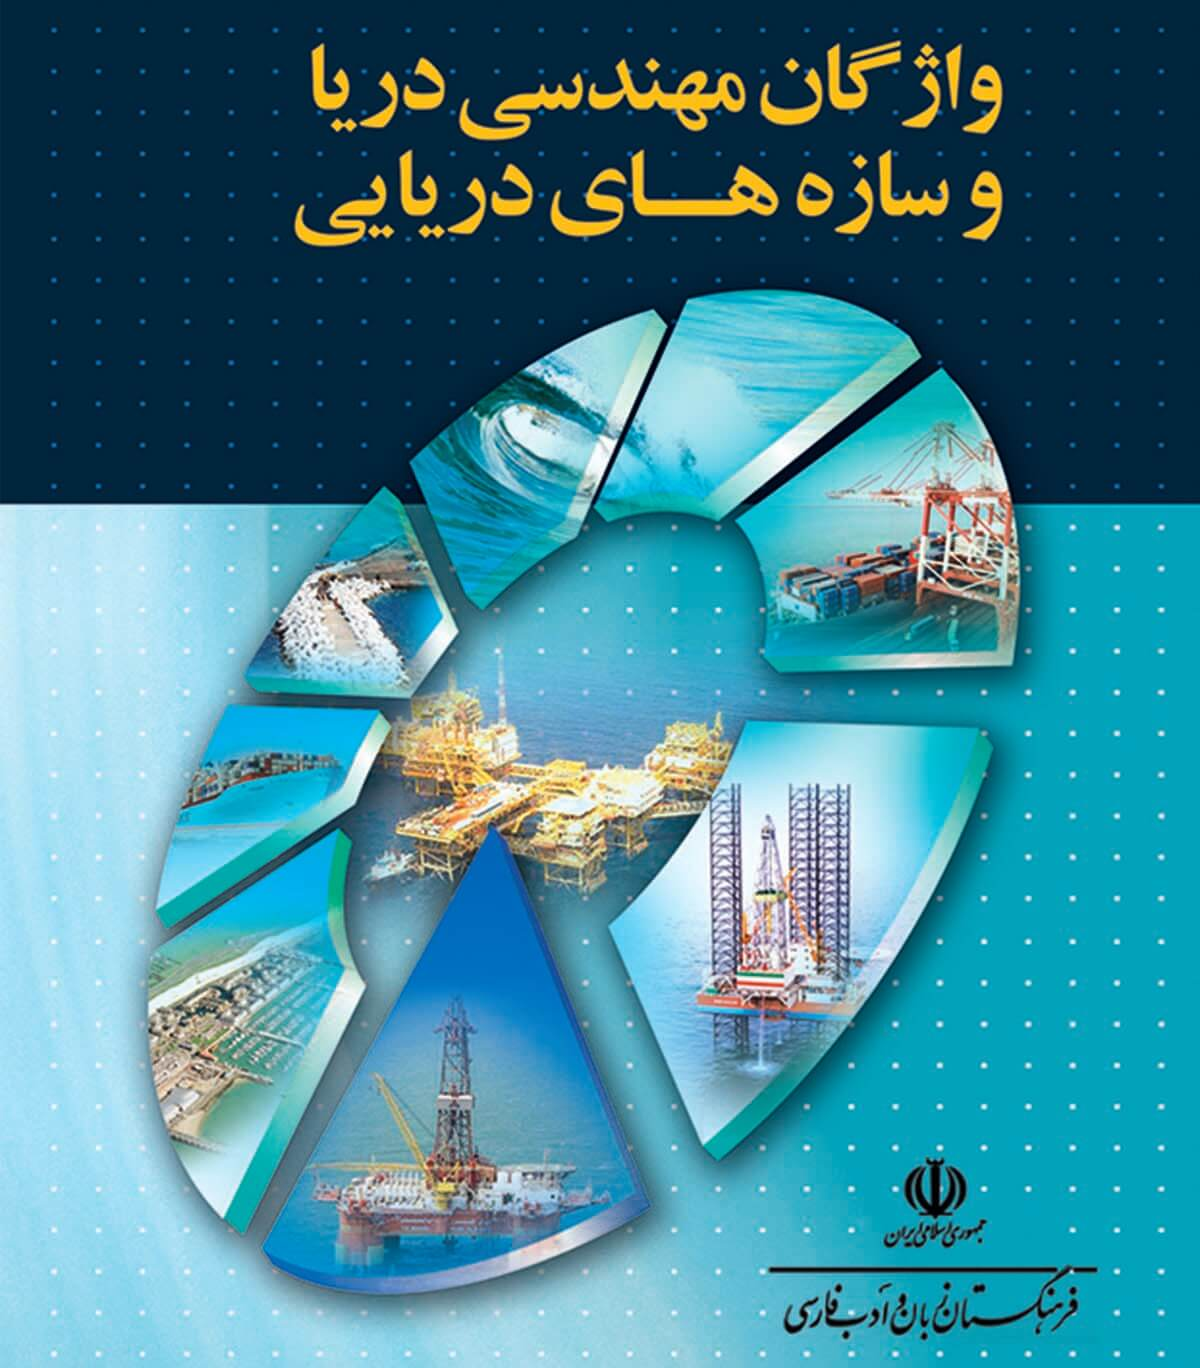 اضافه شدن چند واژه دریایی توسط فرهنگستان زبان و ادب فارسی